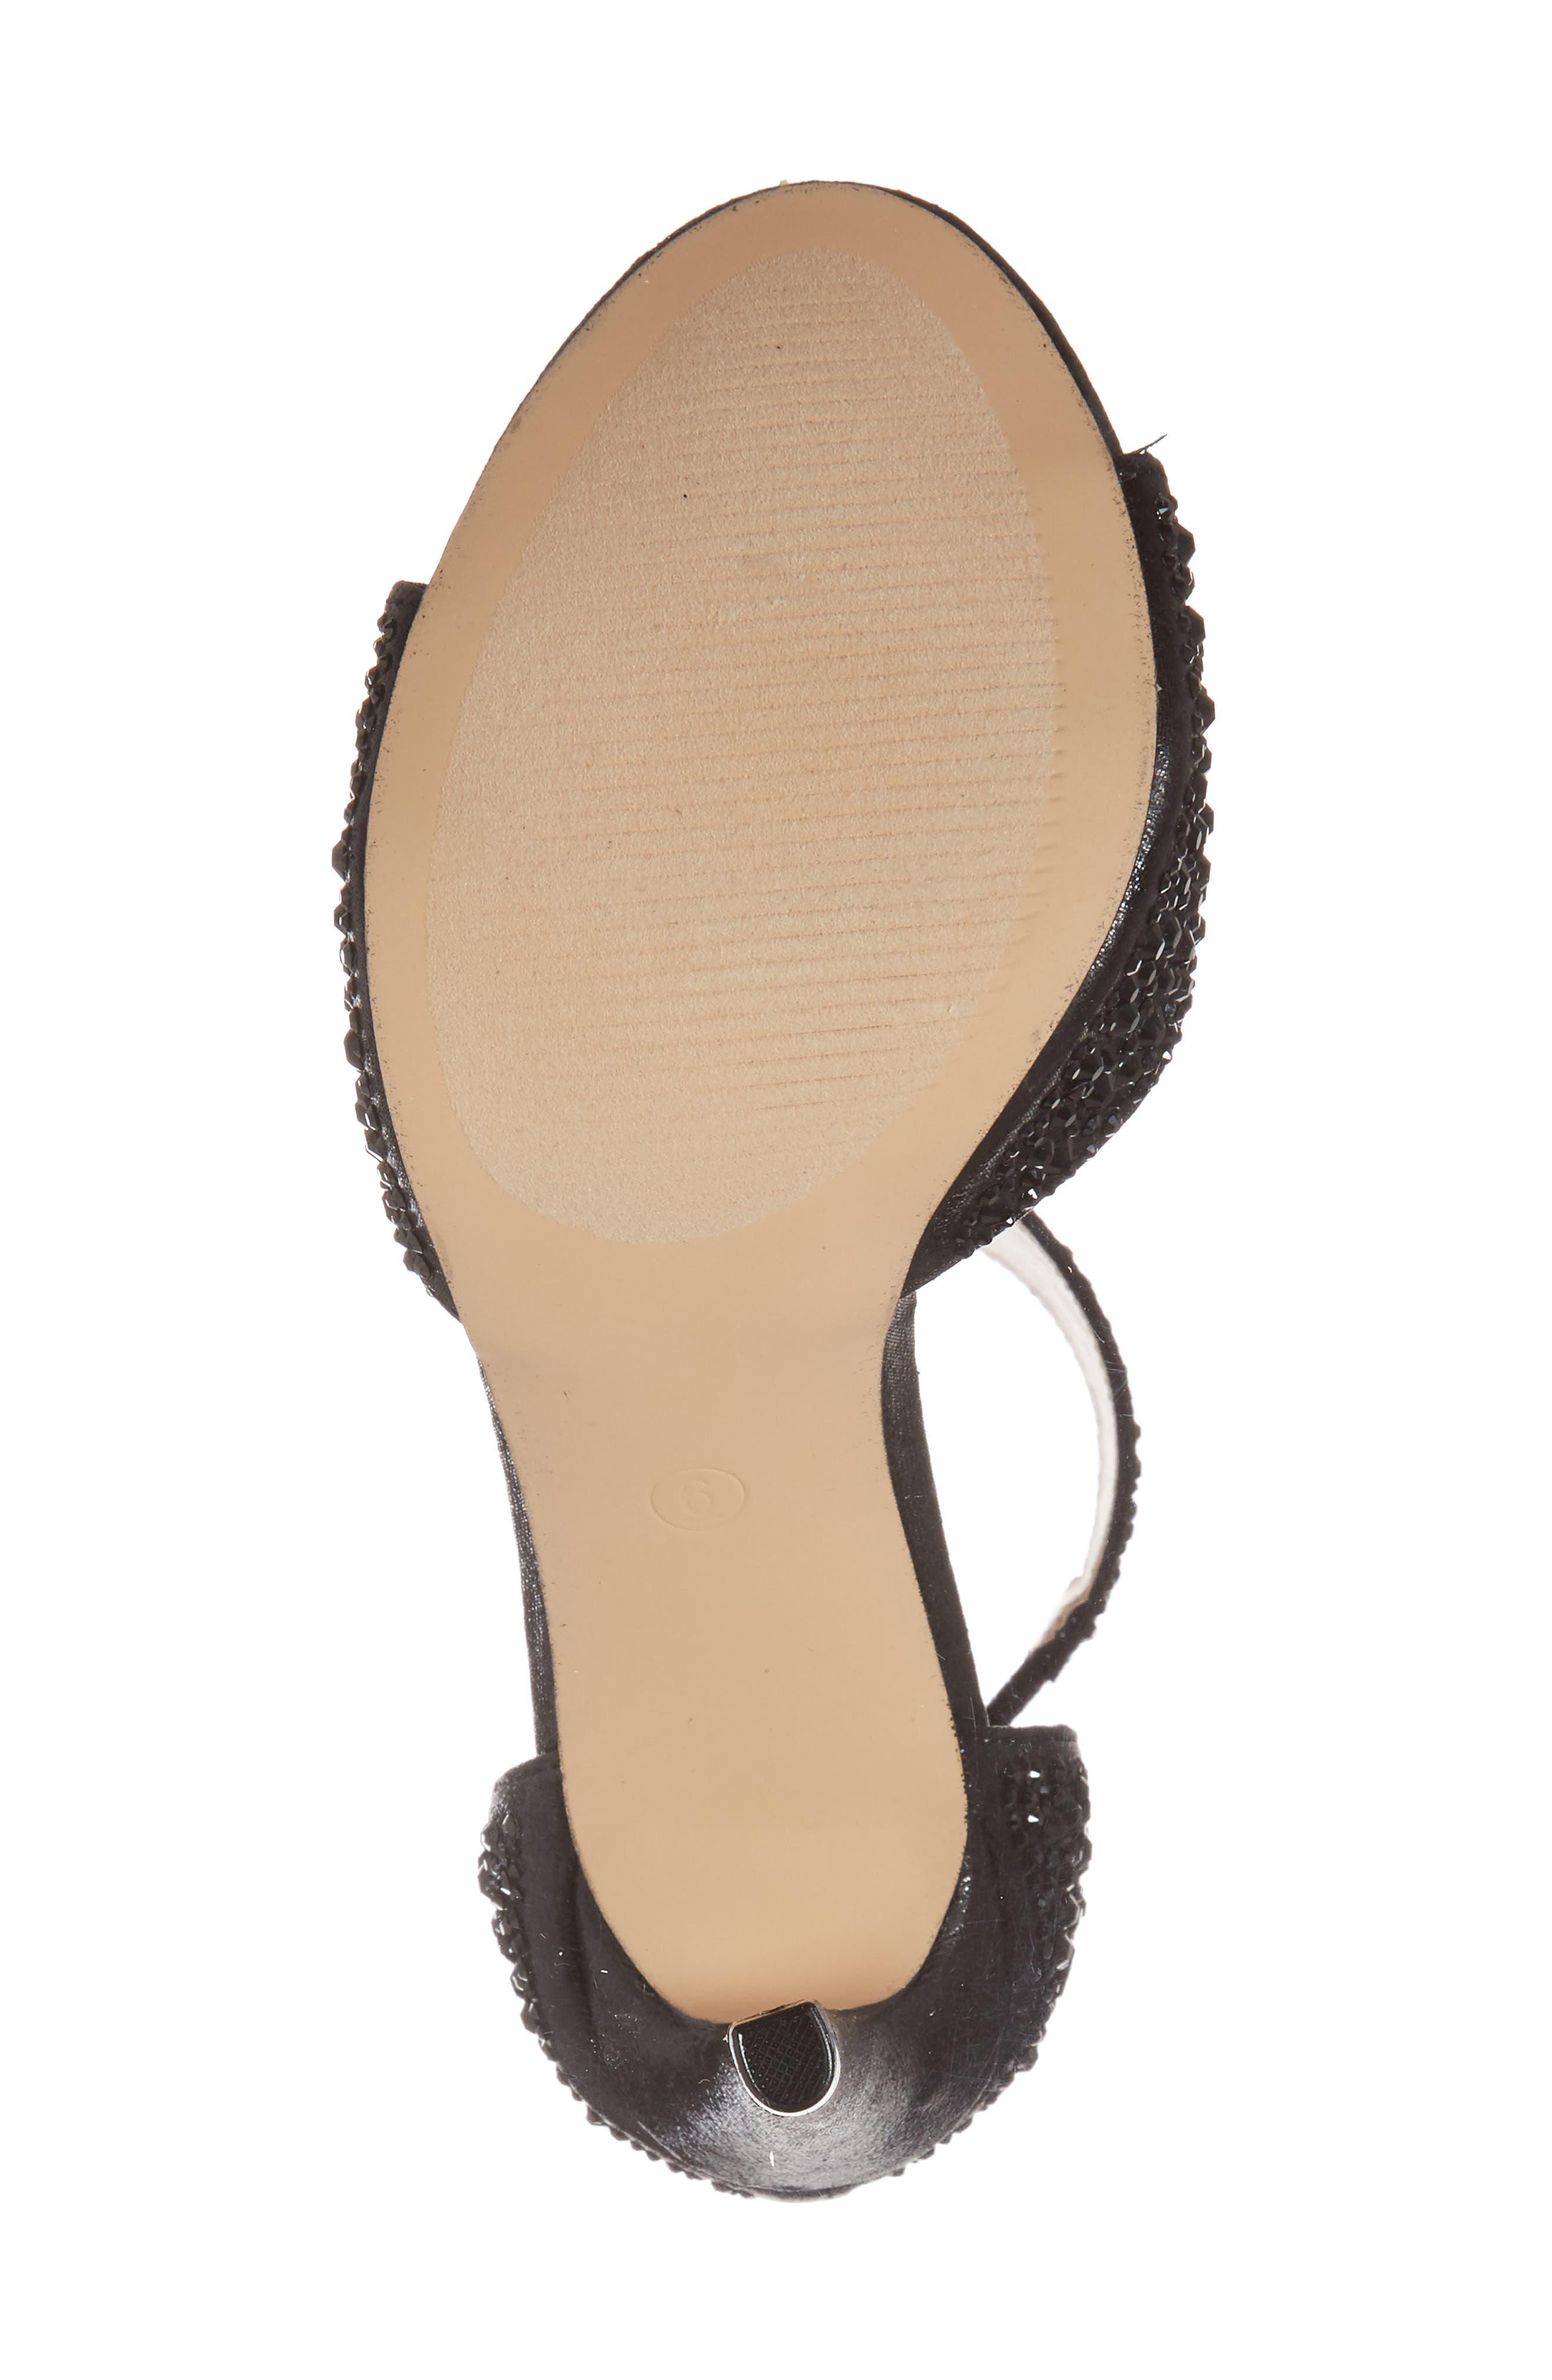 Ina Crystal Embellished Sandal,                             Alternate thumbnail 6, color,                             BLACK